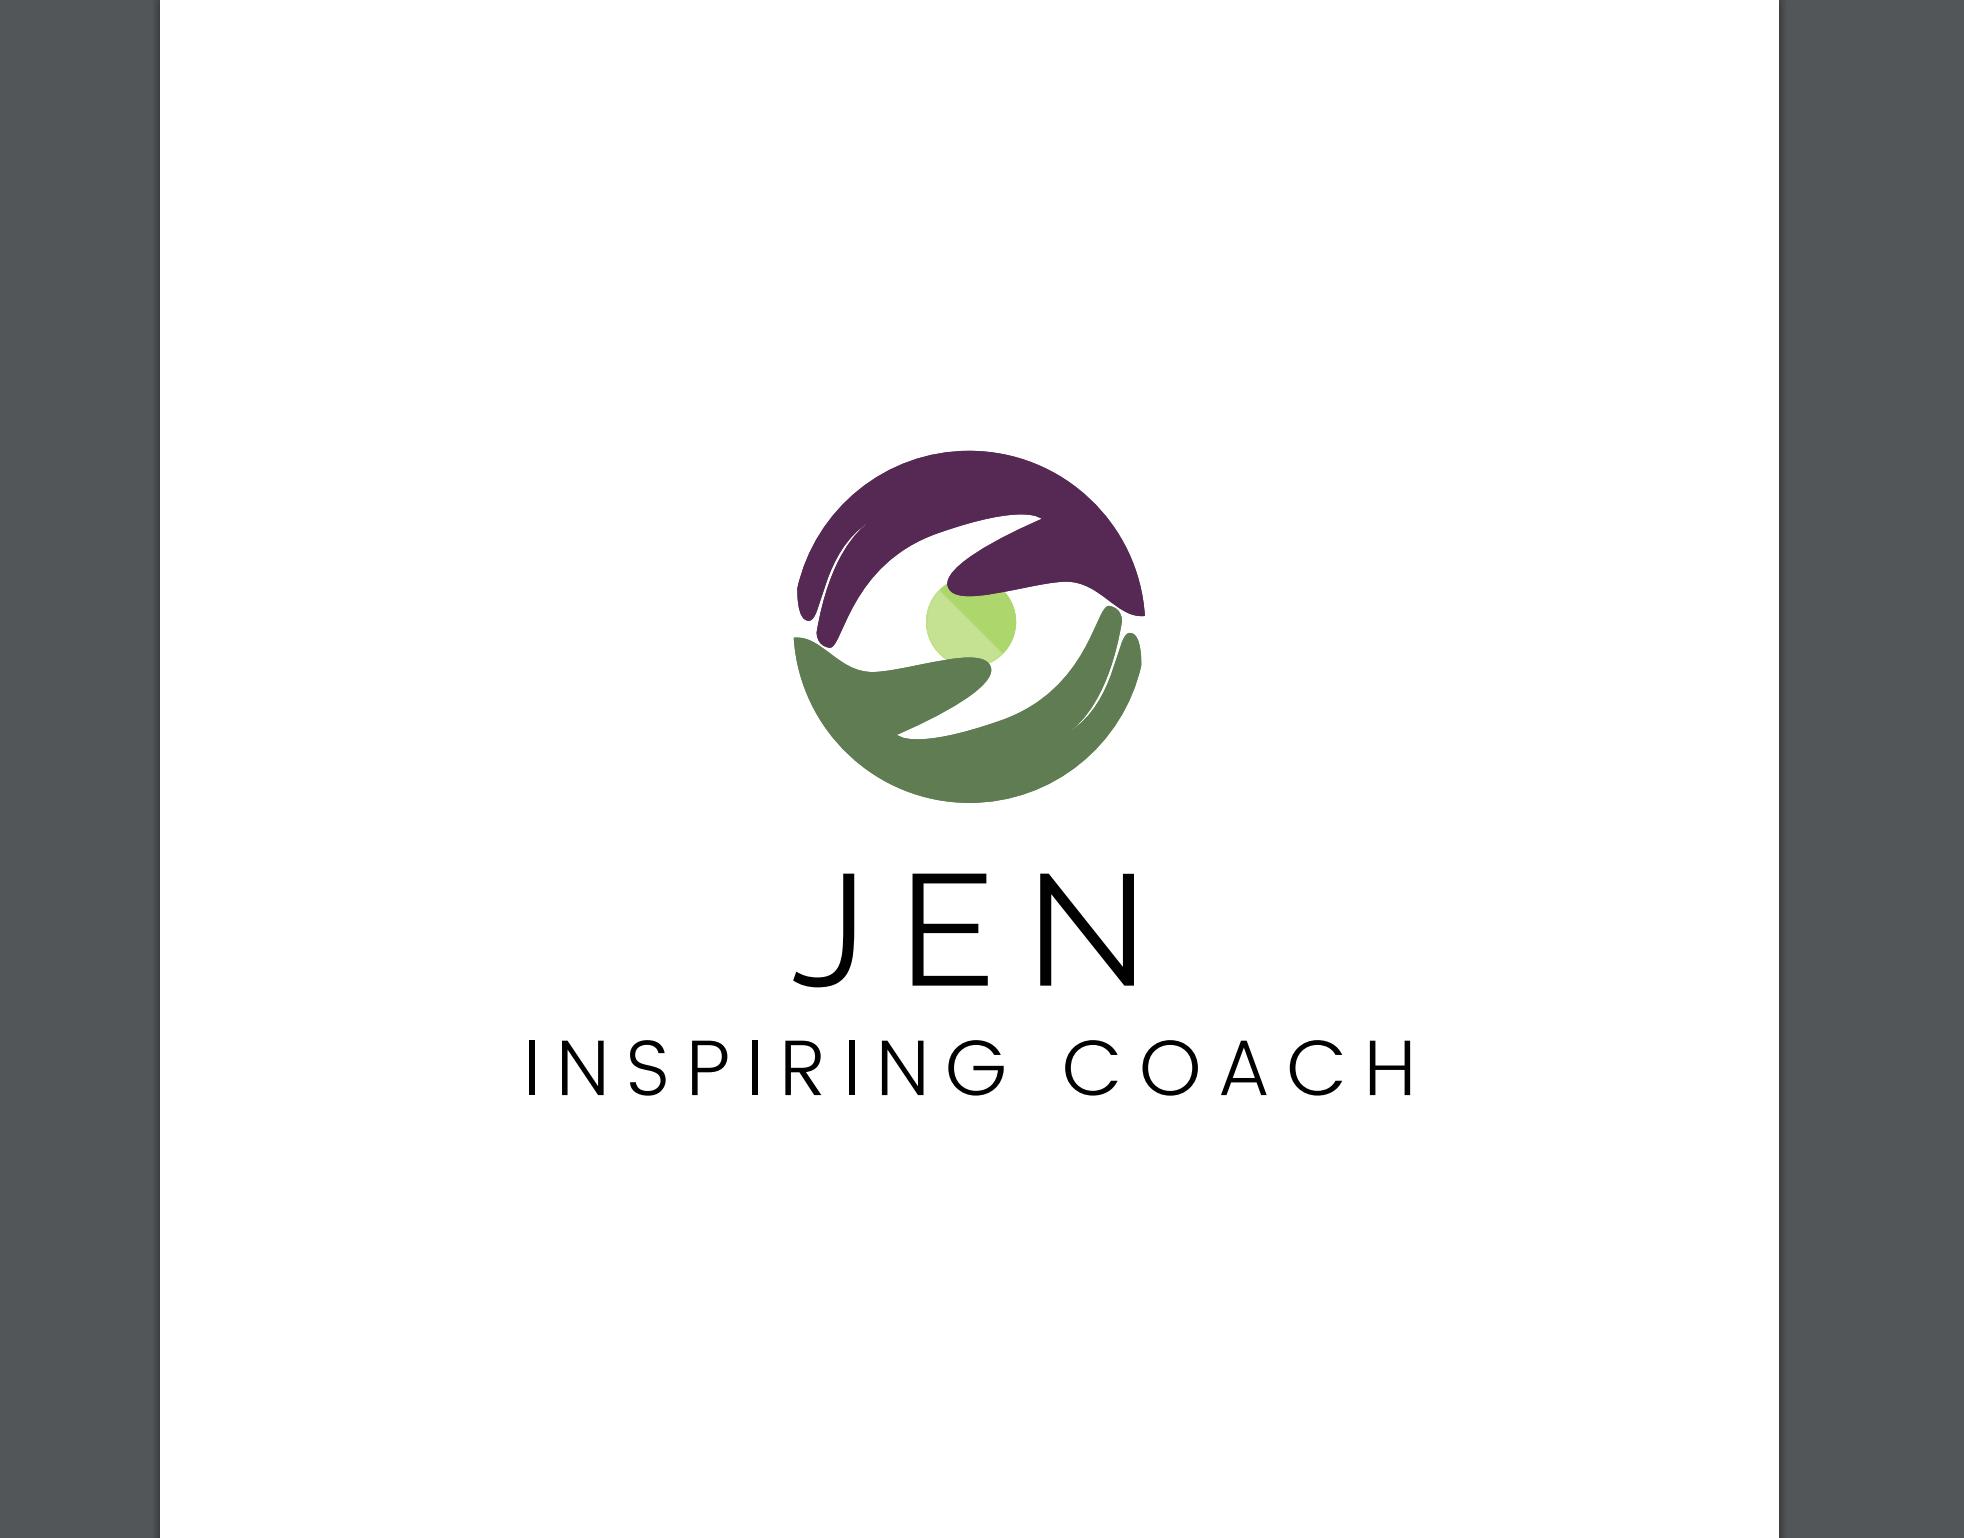 Jennifer Jonassaint